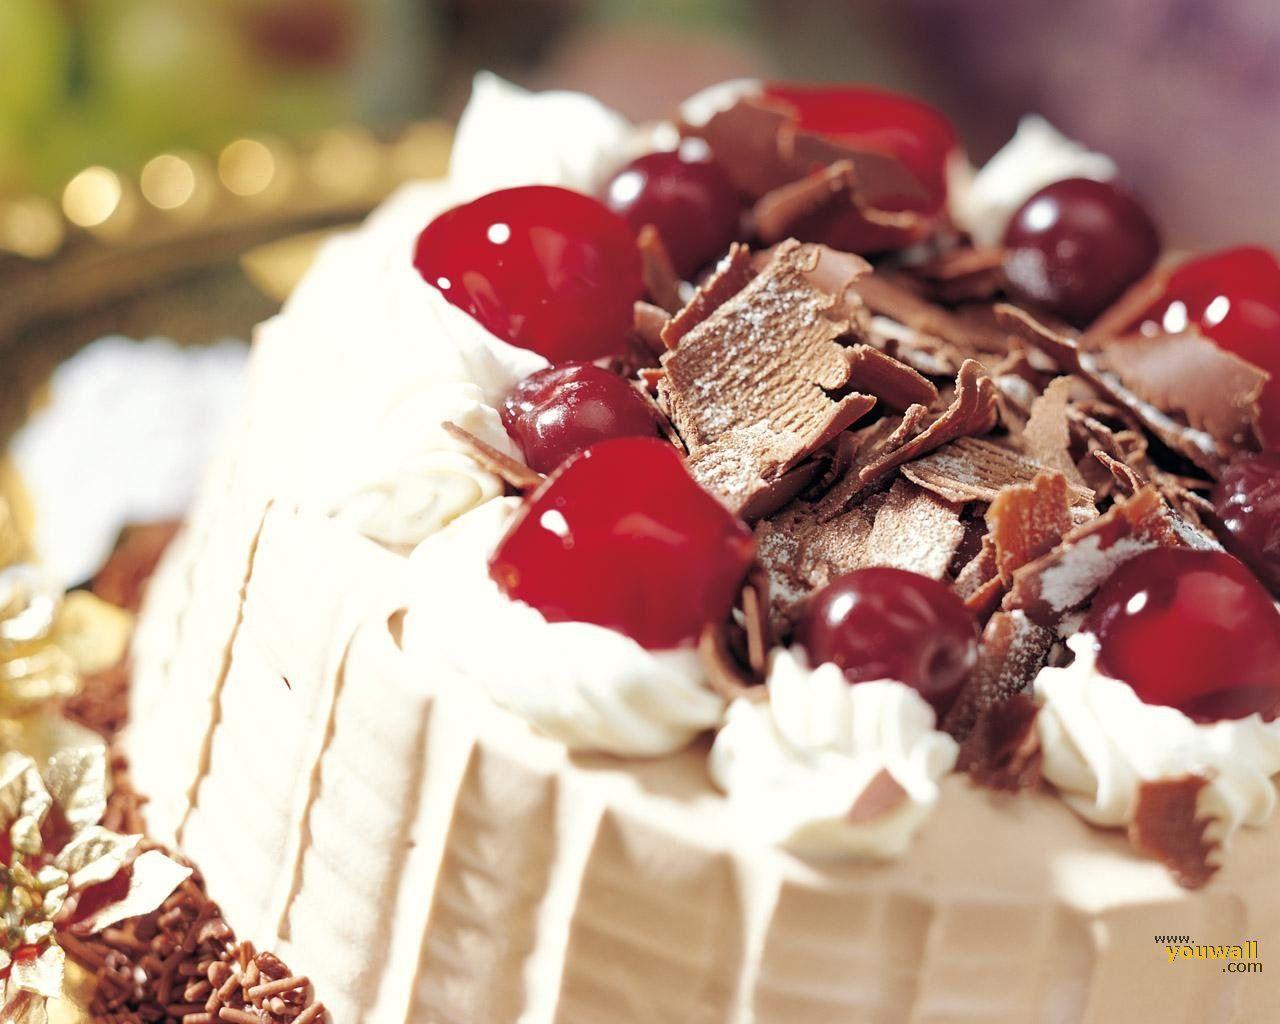 happy birthday cakes | happy birthday | pinterest | happy birthday